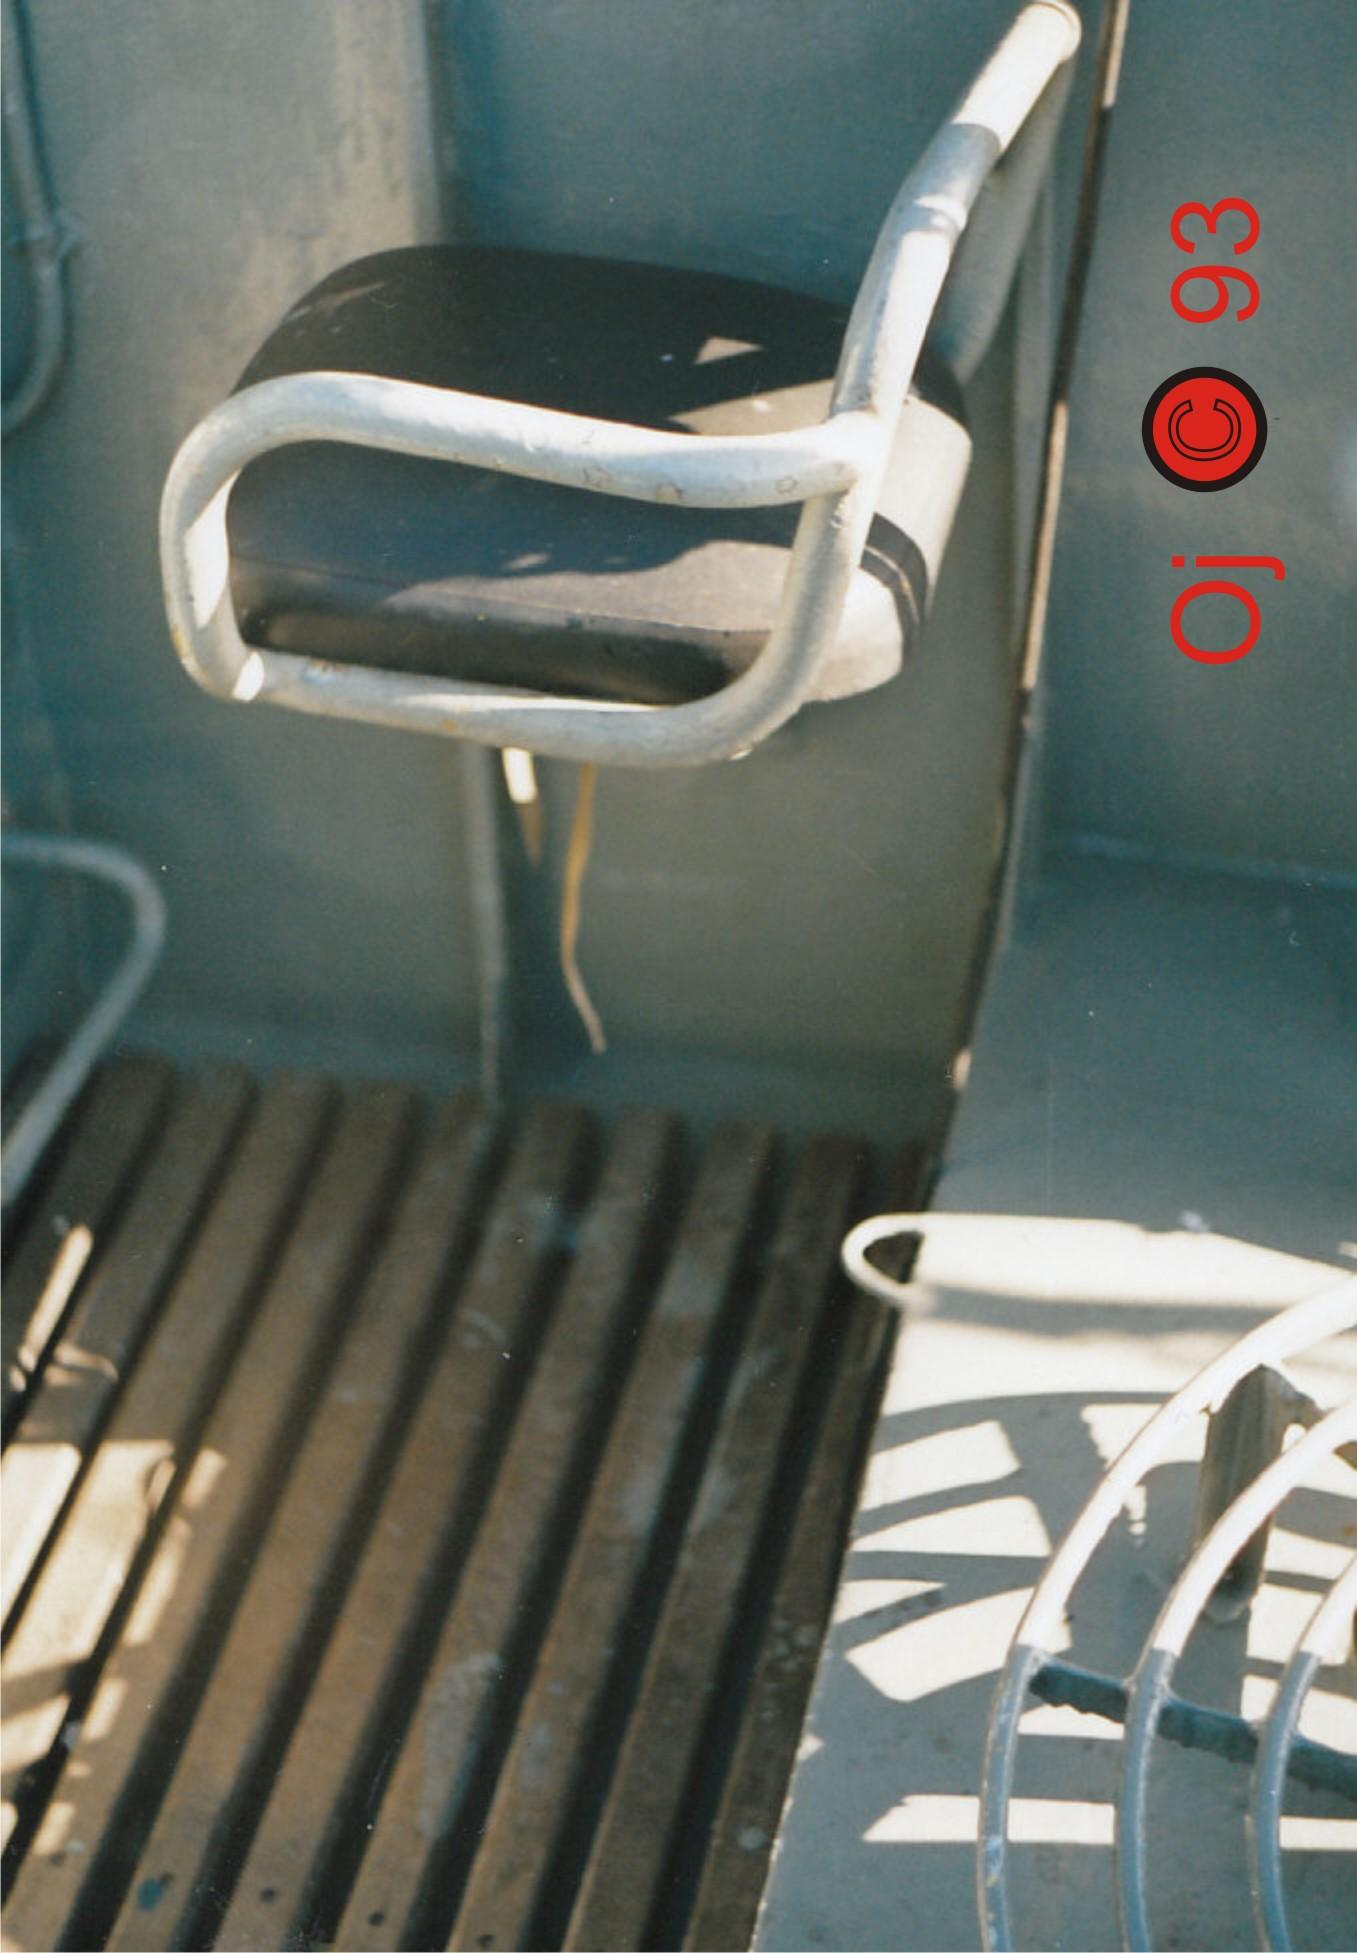 dz30.jpg